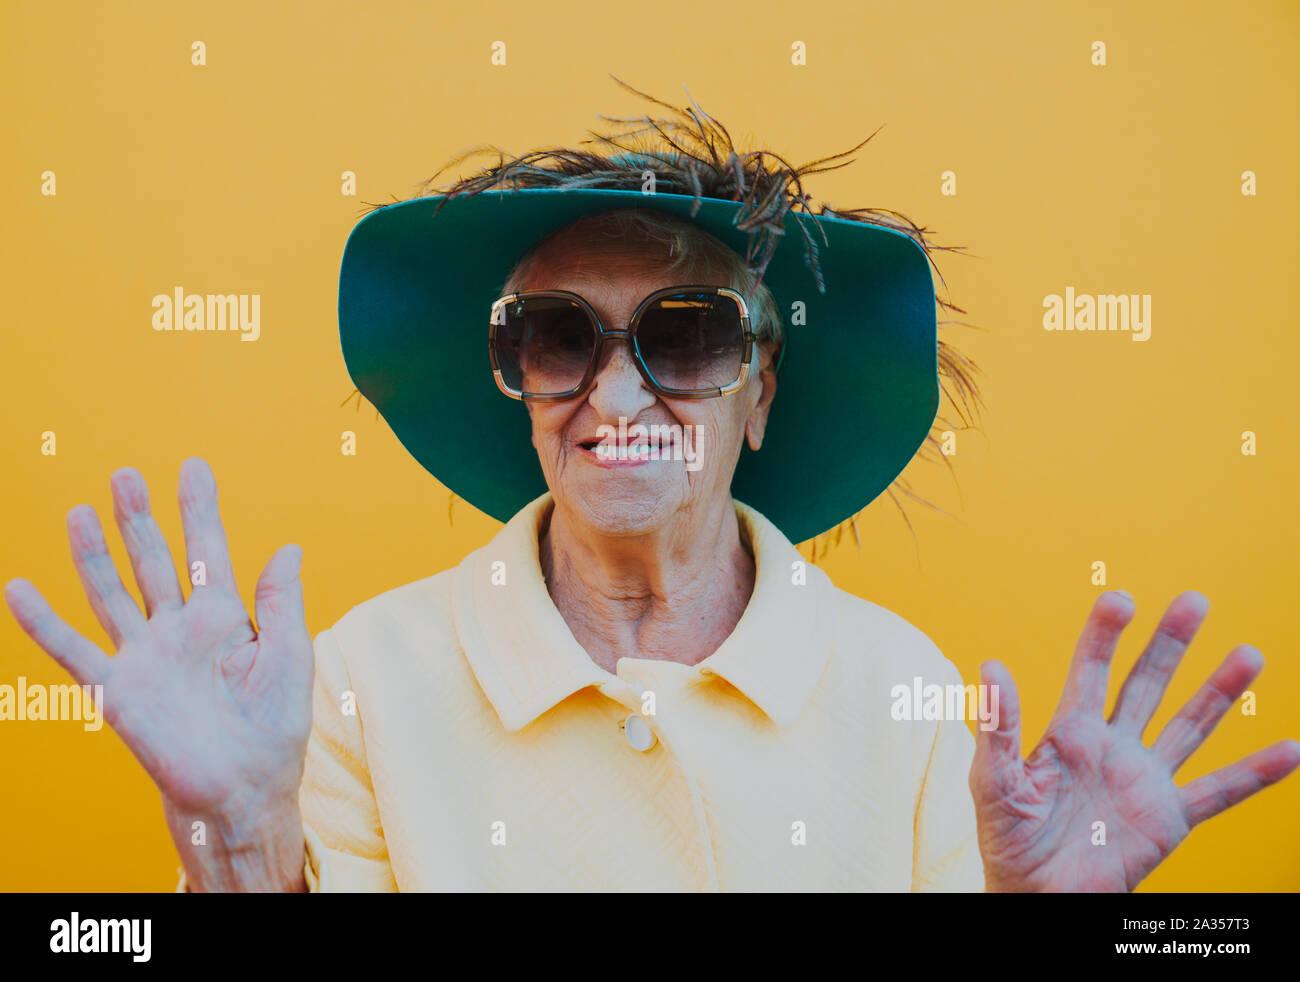 Lustige Großmutter Porträts. Senior alte Frau Dressing elegant für ein besonderes Ereignis. Konzept über die seniorität Stockfoto